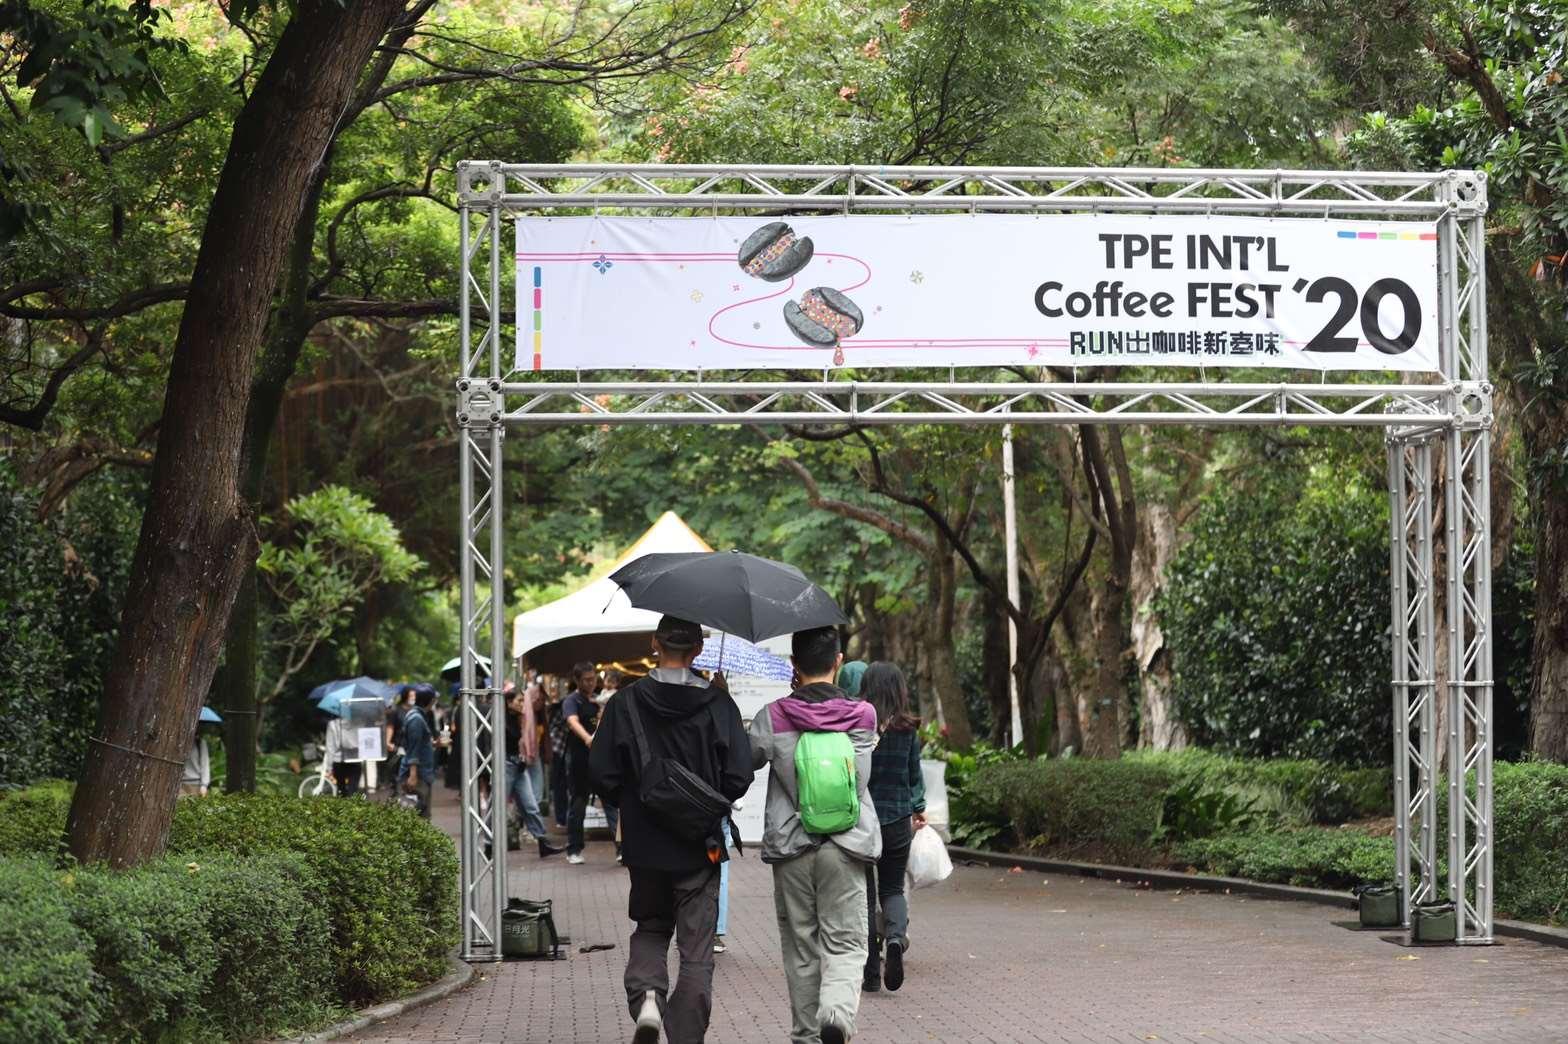 2020台北國際咖啡節黑客咖啡市集 於台灣大學展開  幽靜林中瀰漫著咖啡香